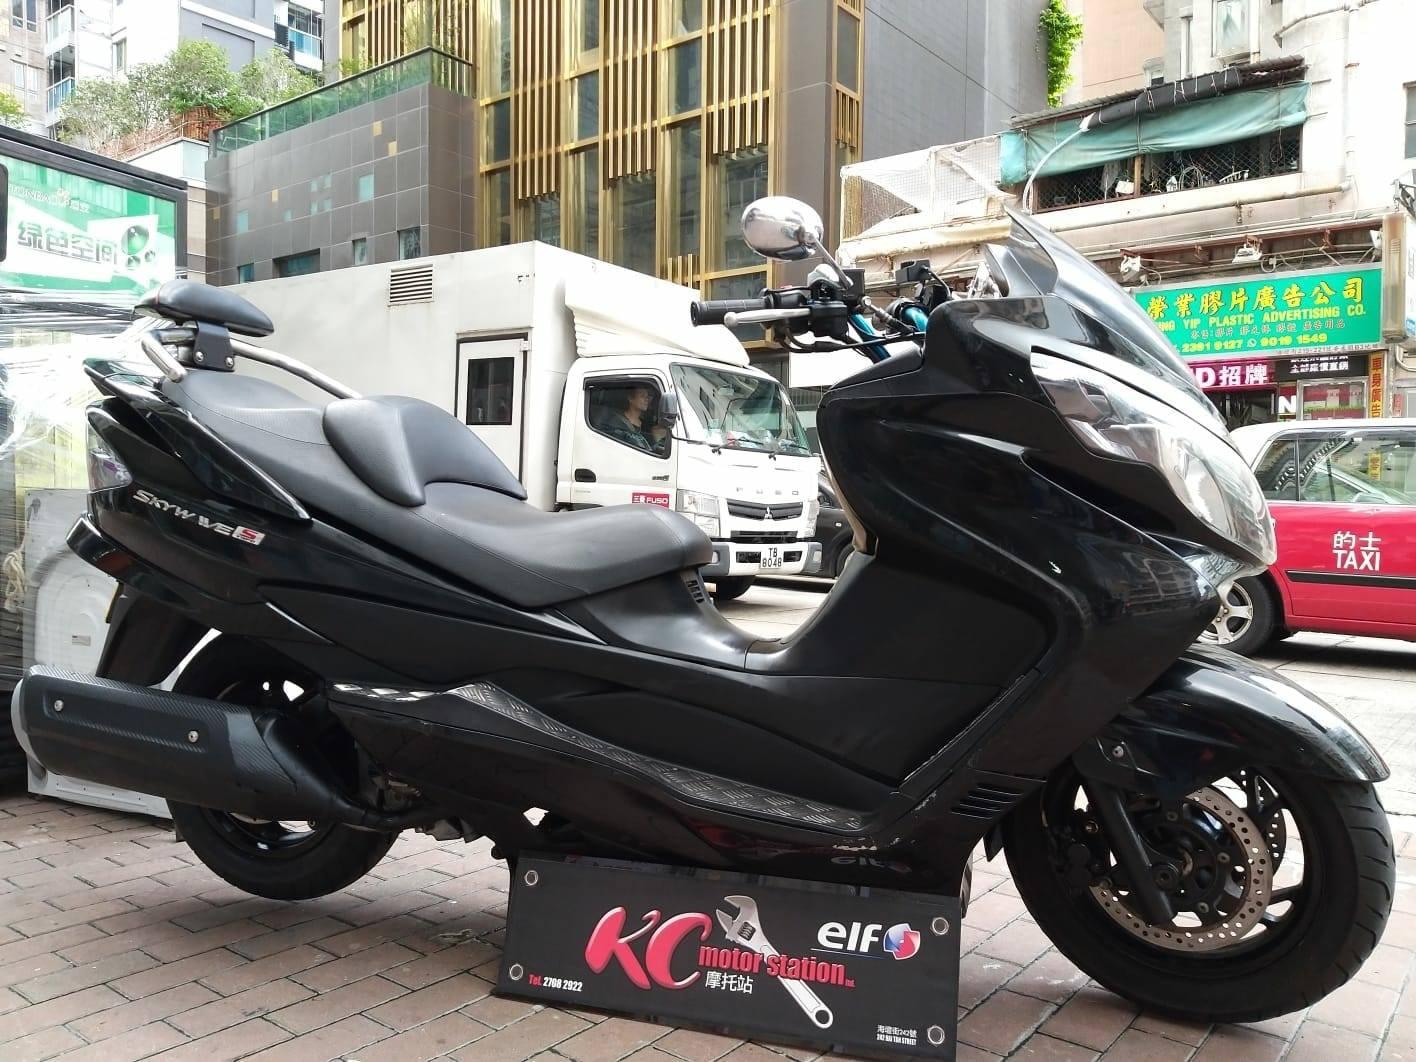 【KC Motor Station】 SUZUKI Burgman 400 (SKYWAVE400) 二手車 2008年 - 「Webike摩托車市」